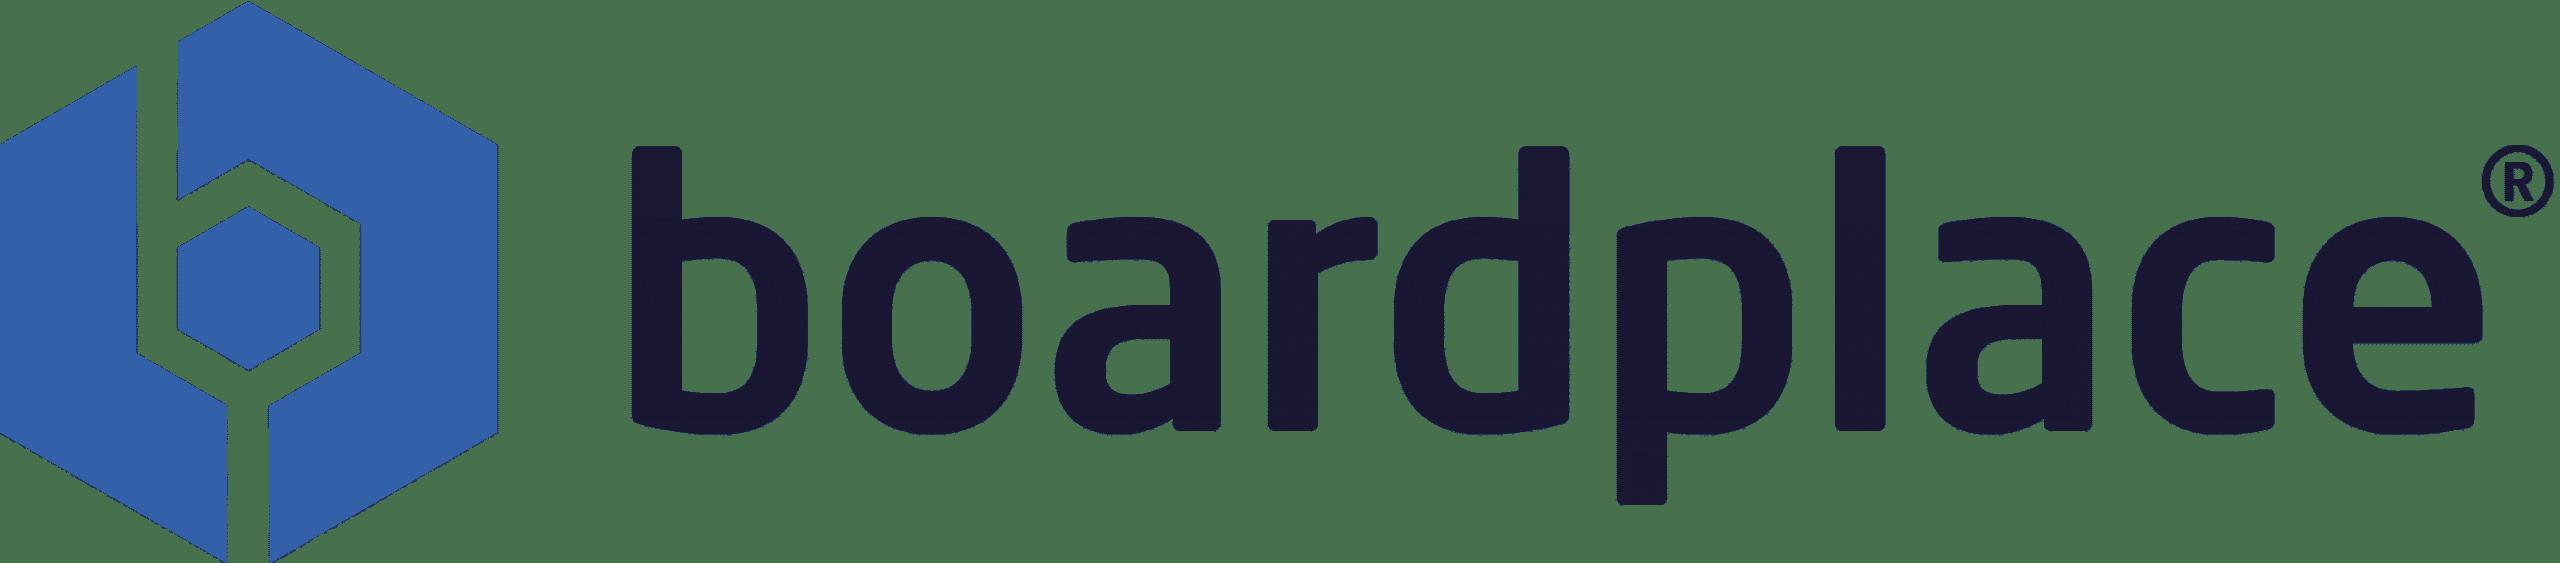 Boardplace-logo_ASNET